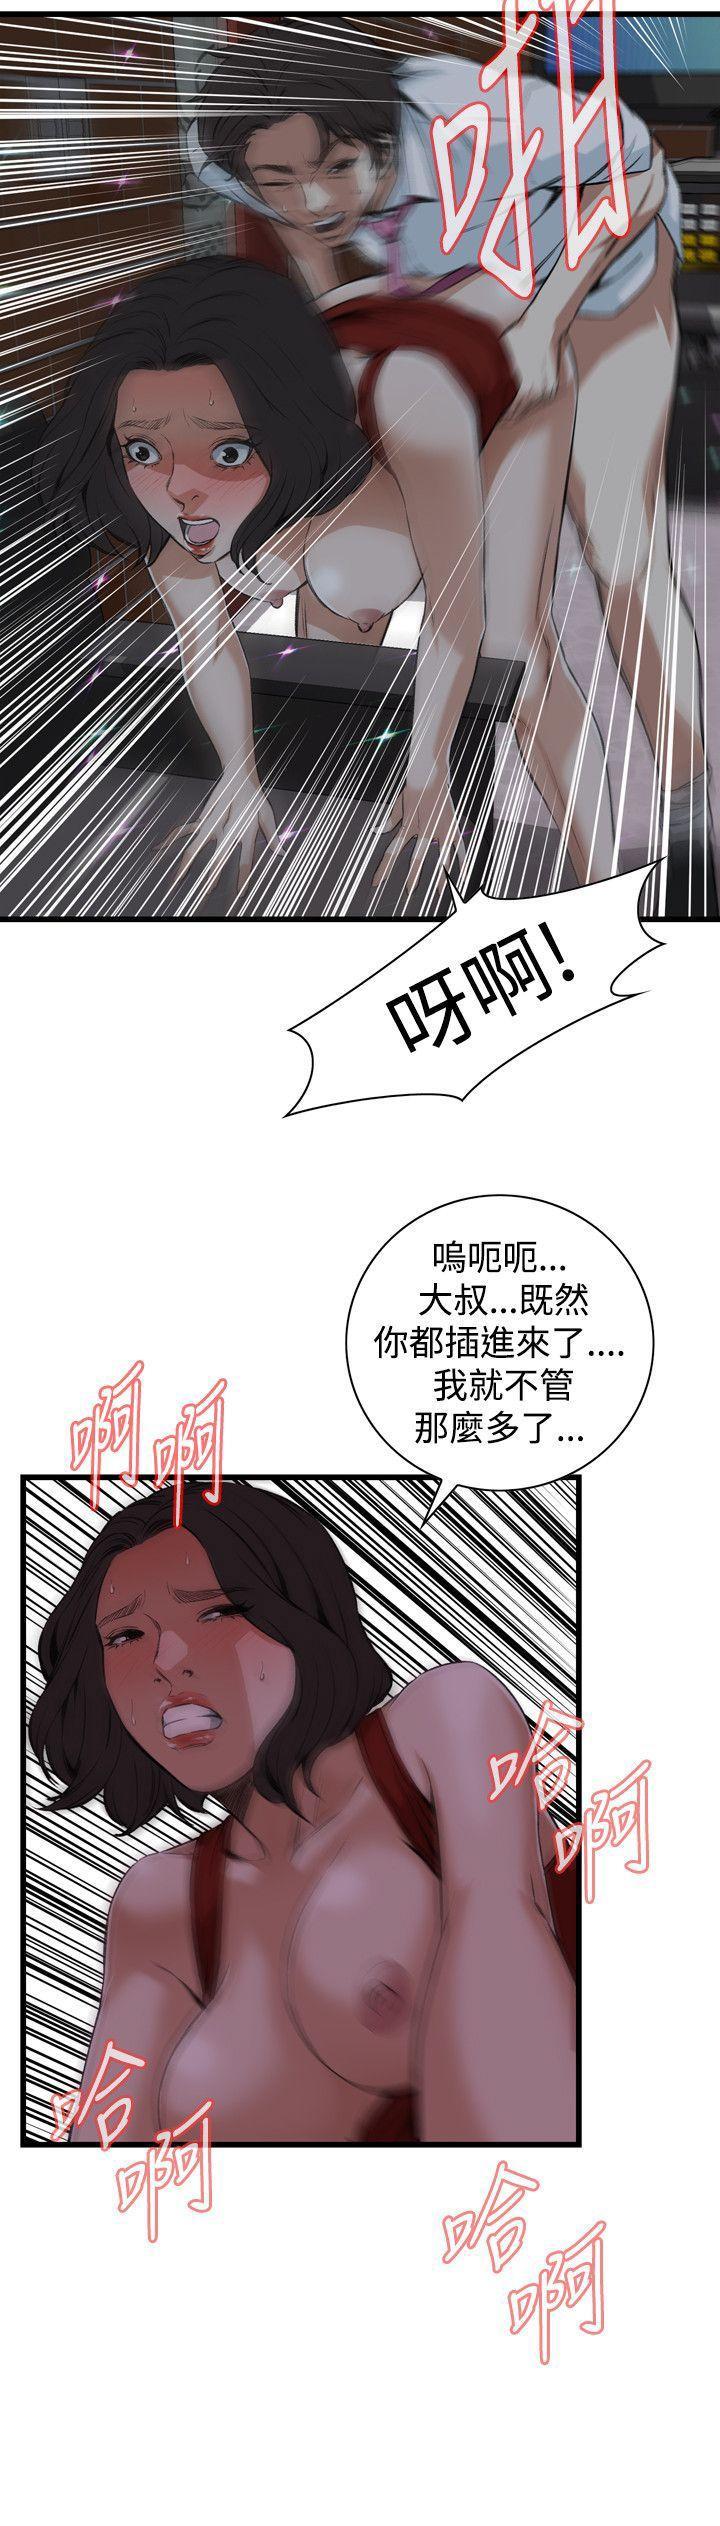 偷窥72-93 Chinese Rsiky 58